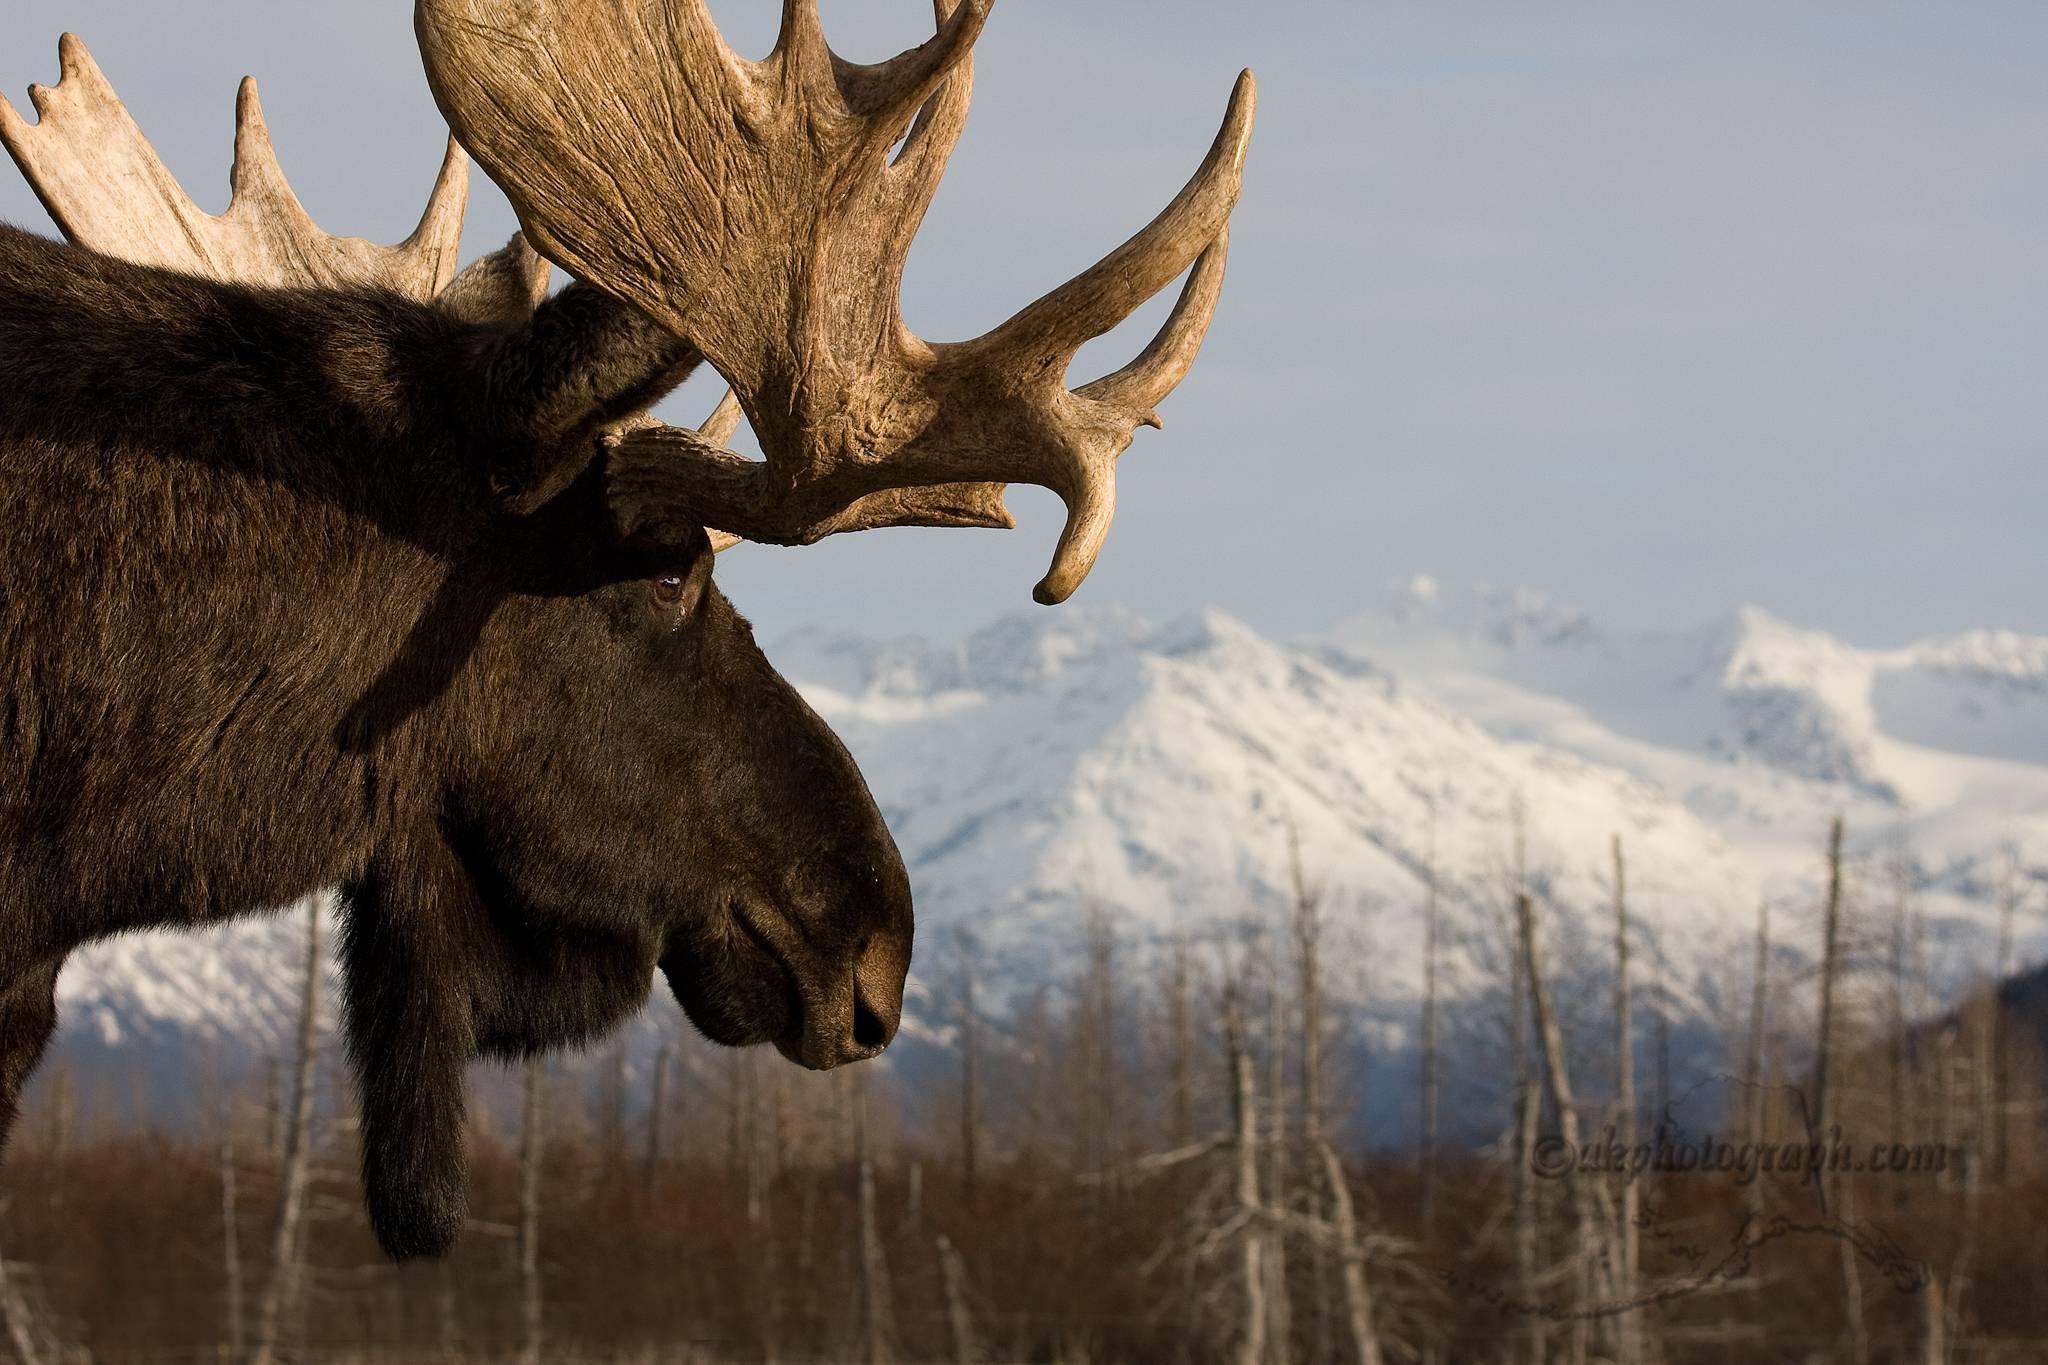 Bull moose wallpaper - photo#33